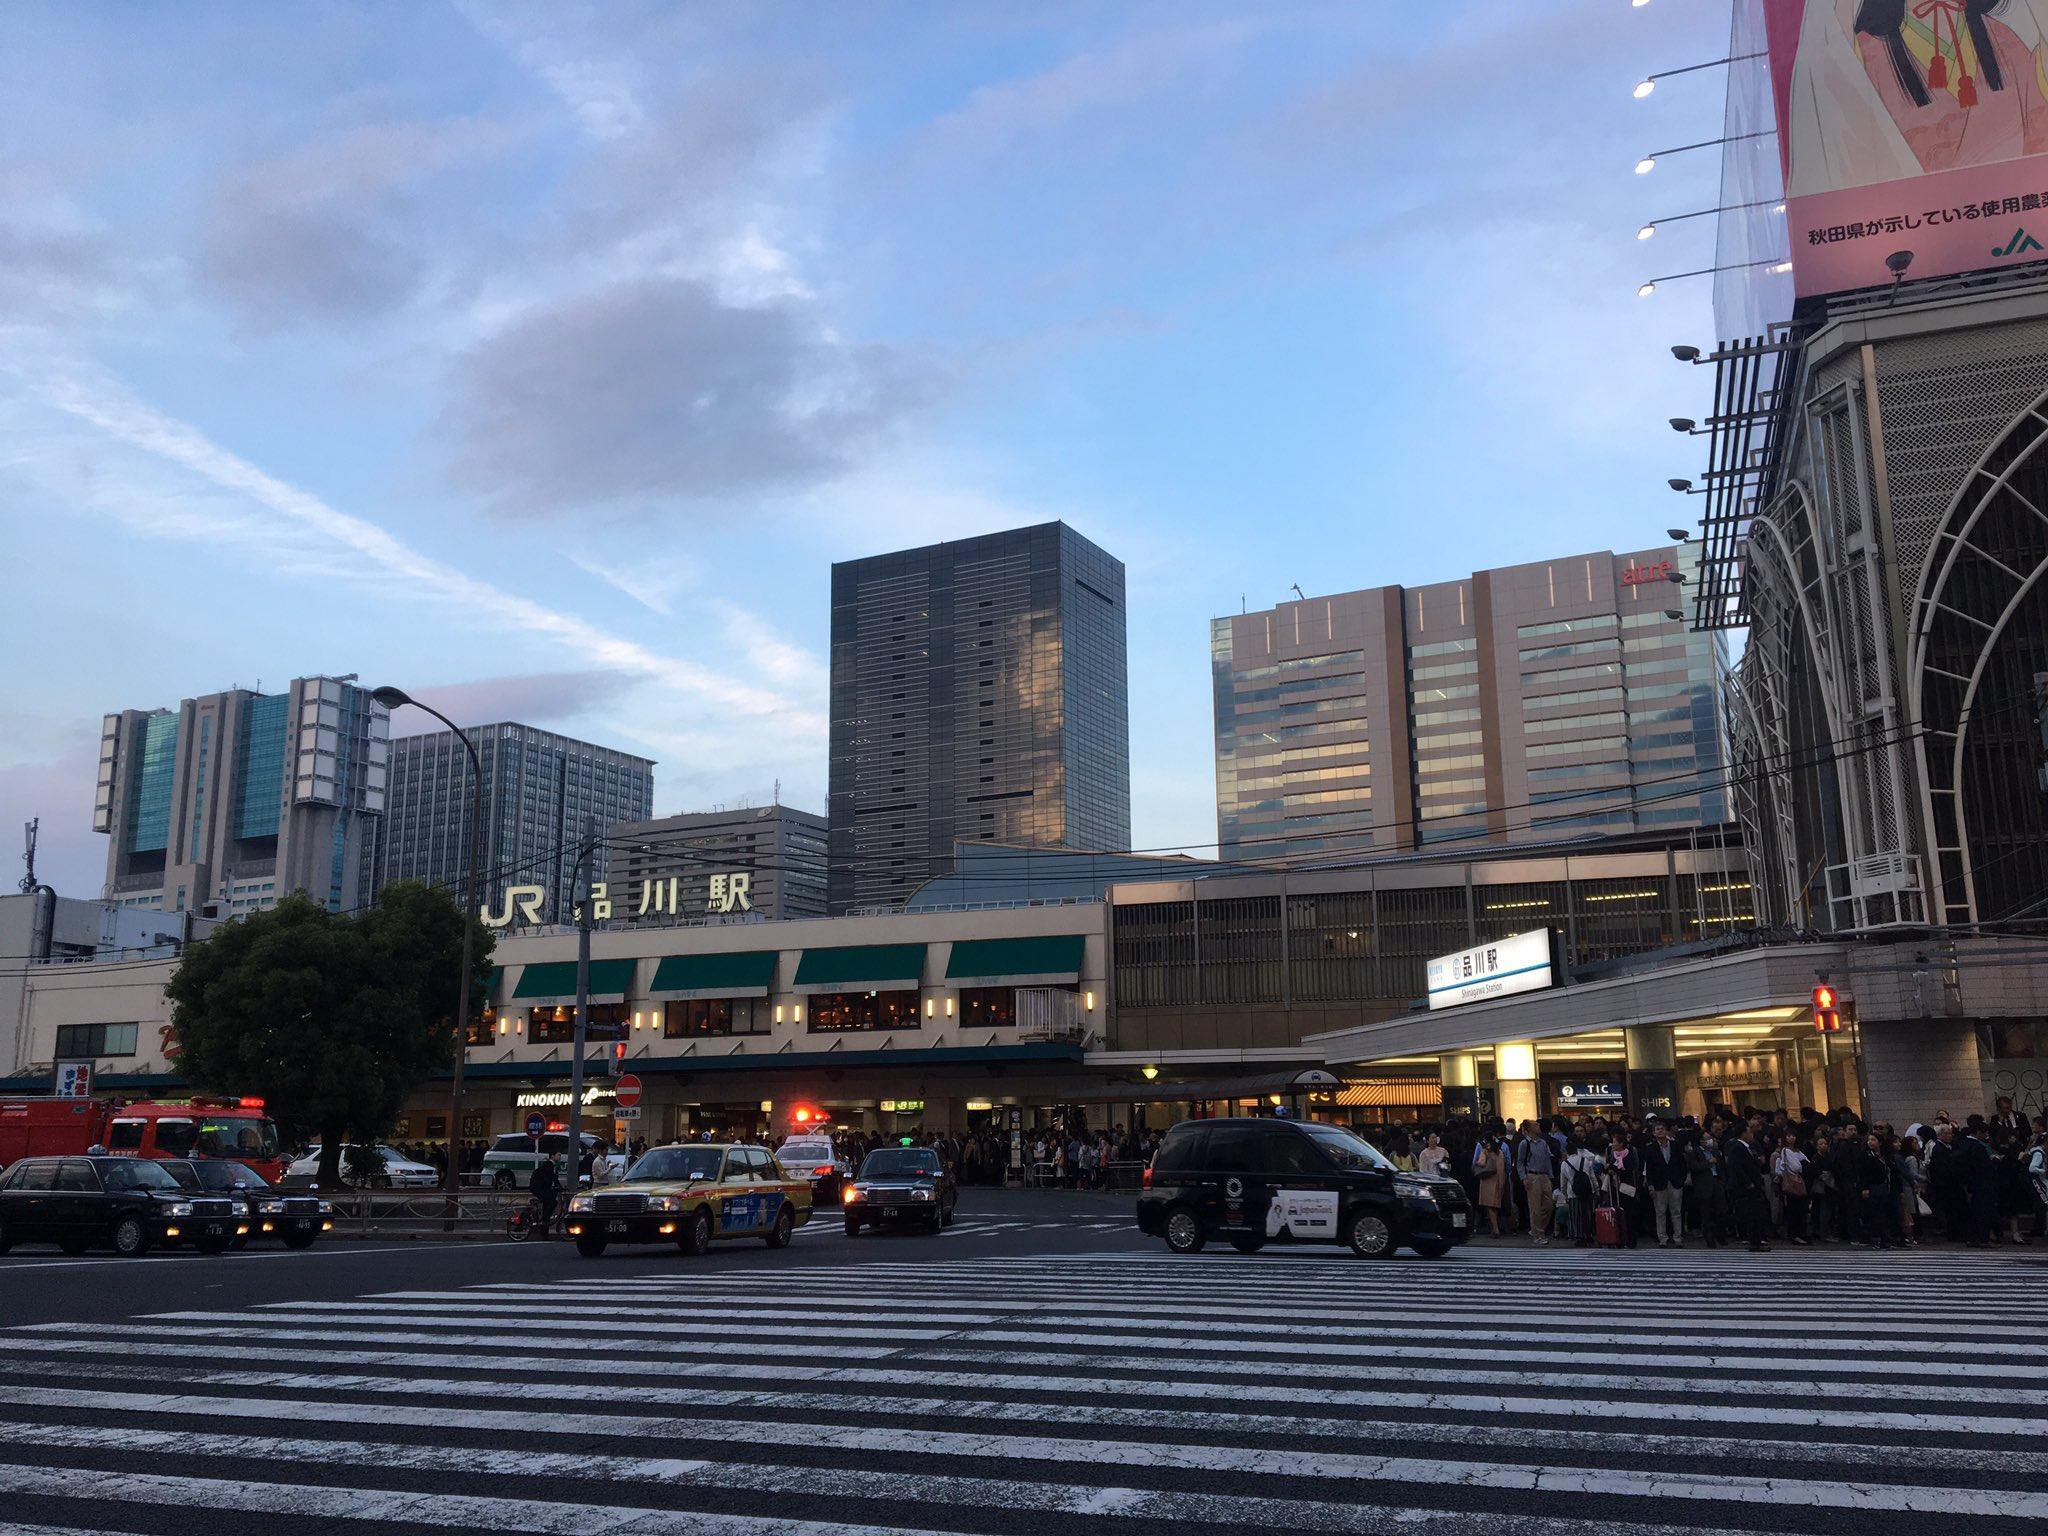 画像,品川駅前のロータリーに消防車3台とパトカー、赤橙のついたJRの車が停まってて上空でヘリが旋回中。日テレのテレビカメラもいて何かあった模様。 https://t.…